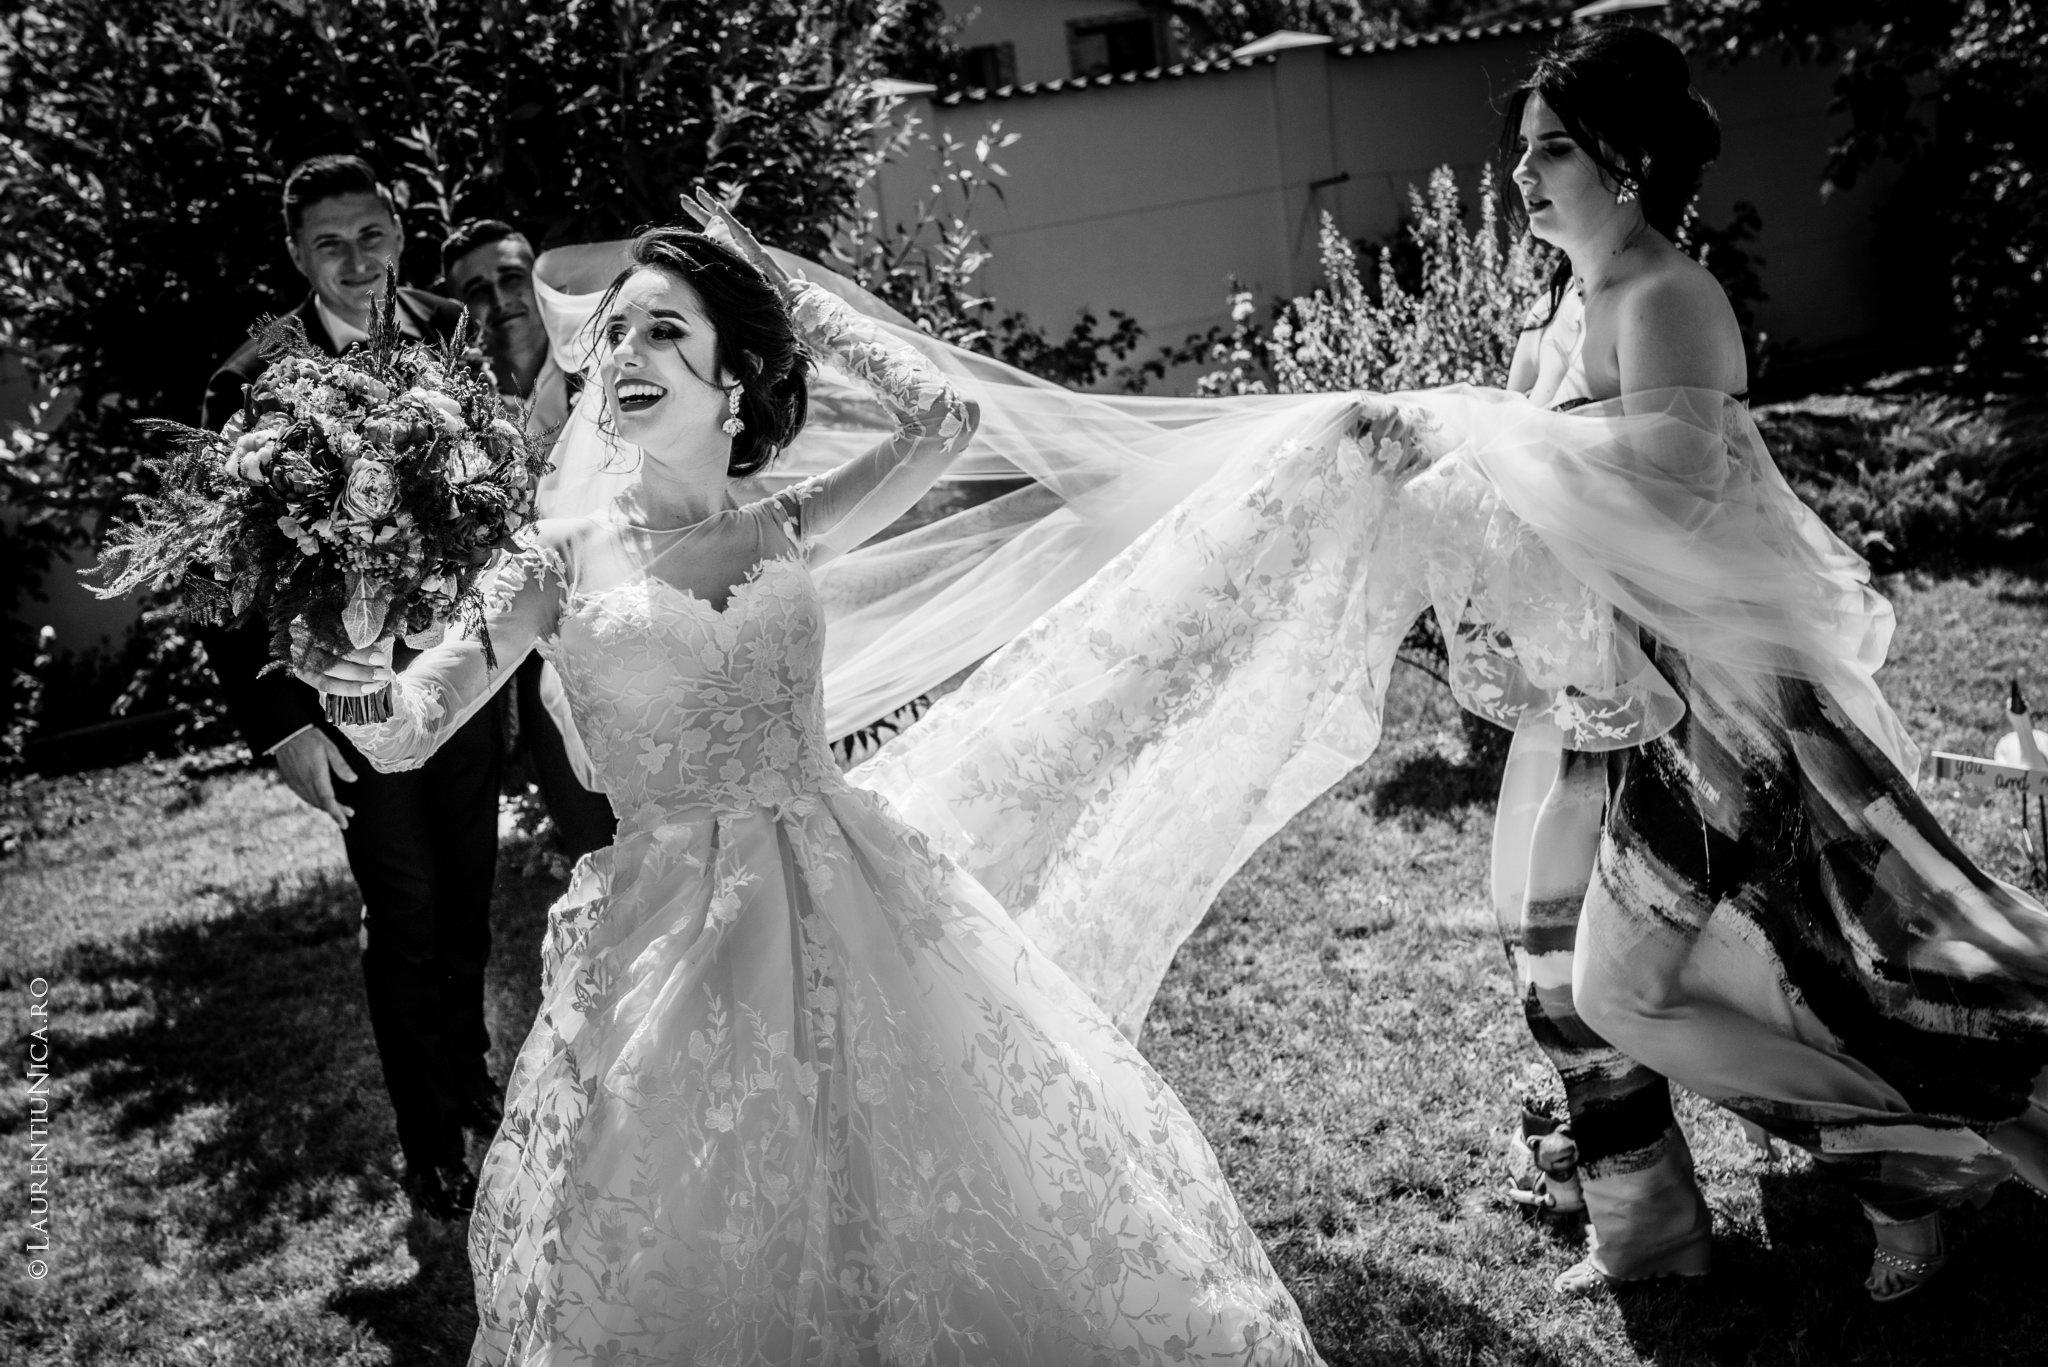 fotografii nunta denisa si florin craiova 20 - Denisa & Florin | Fotografii nunta | Craiova